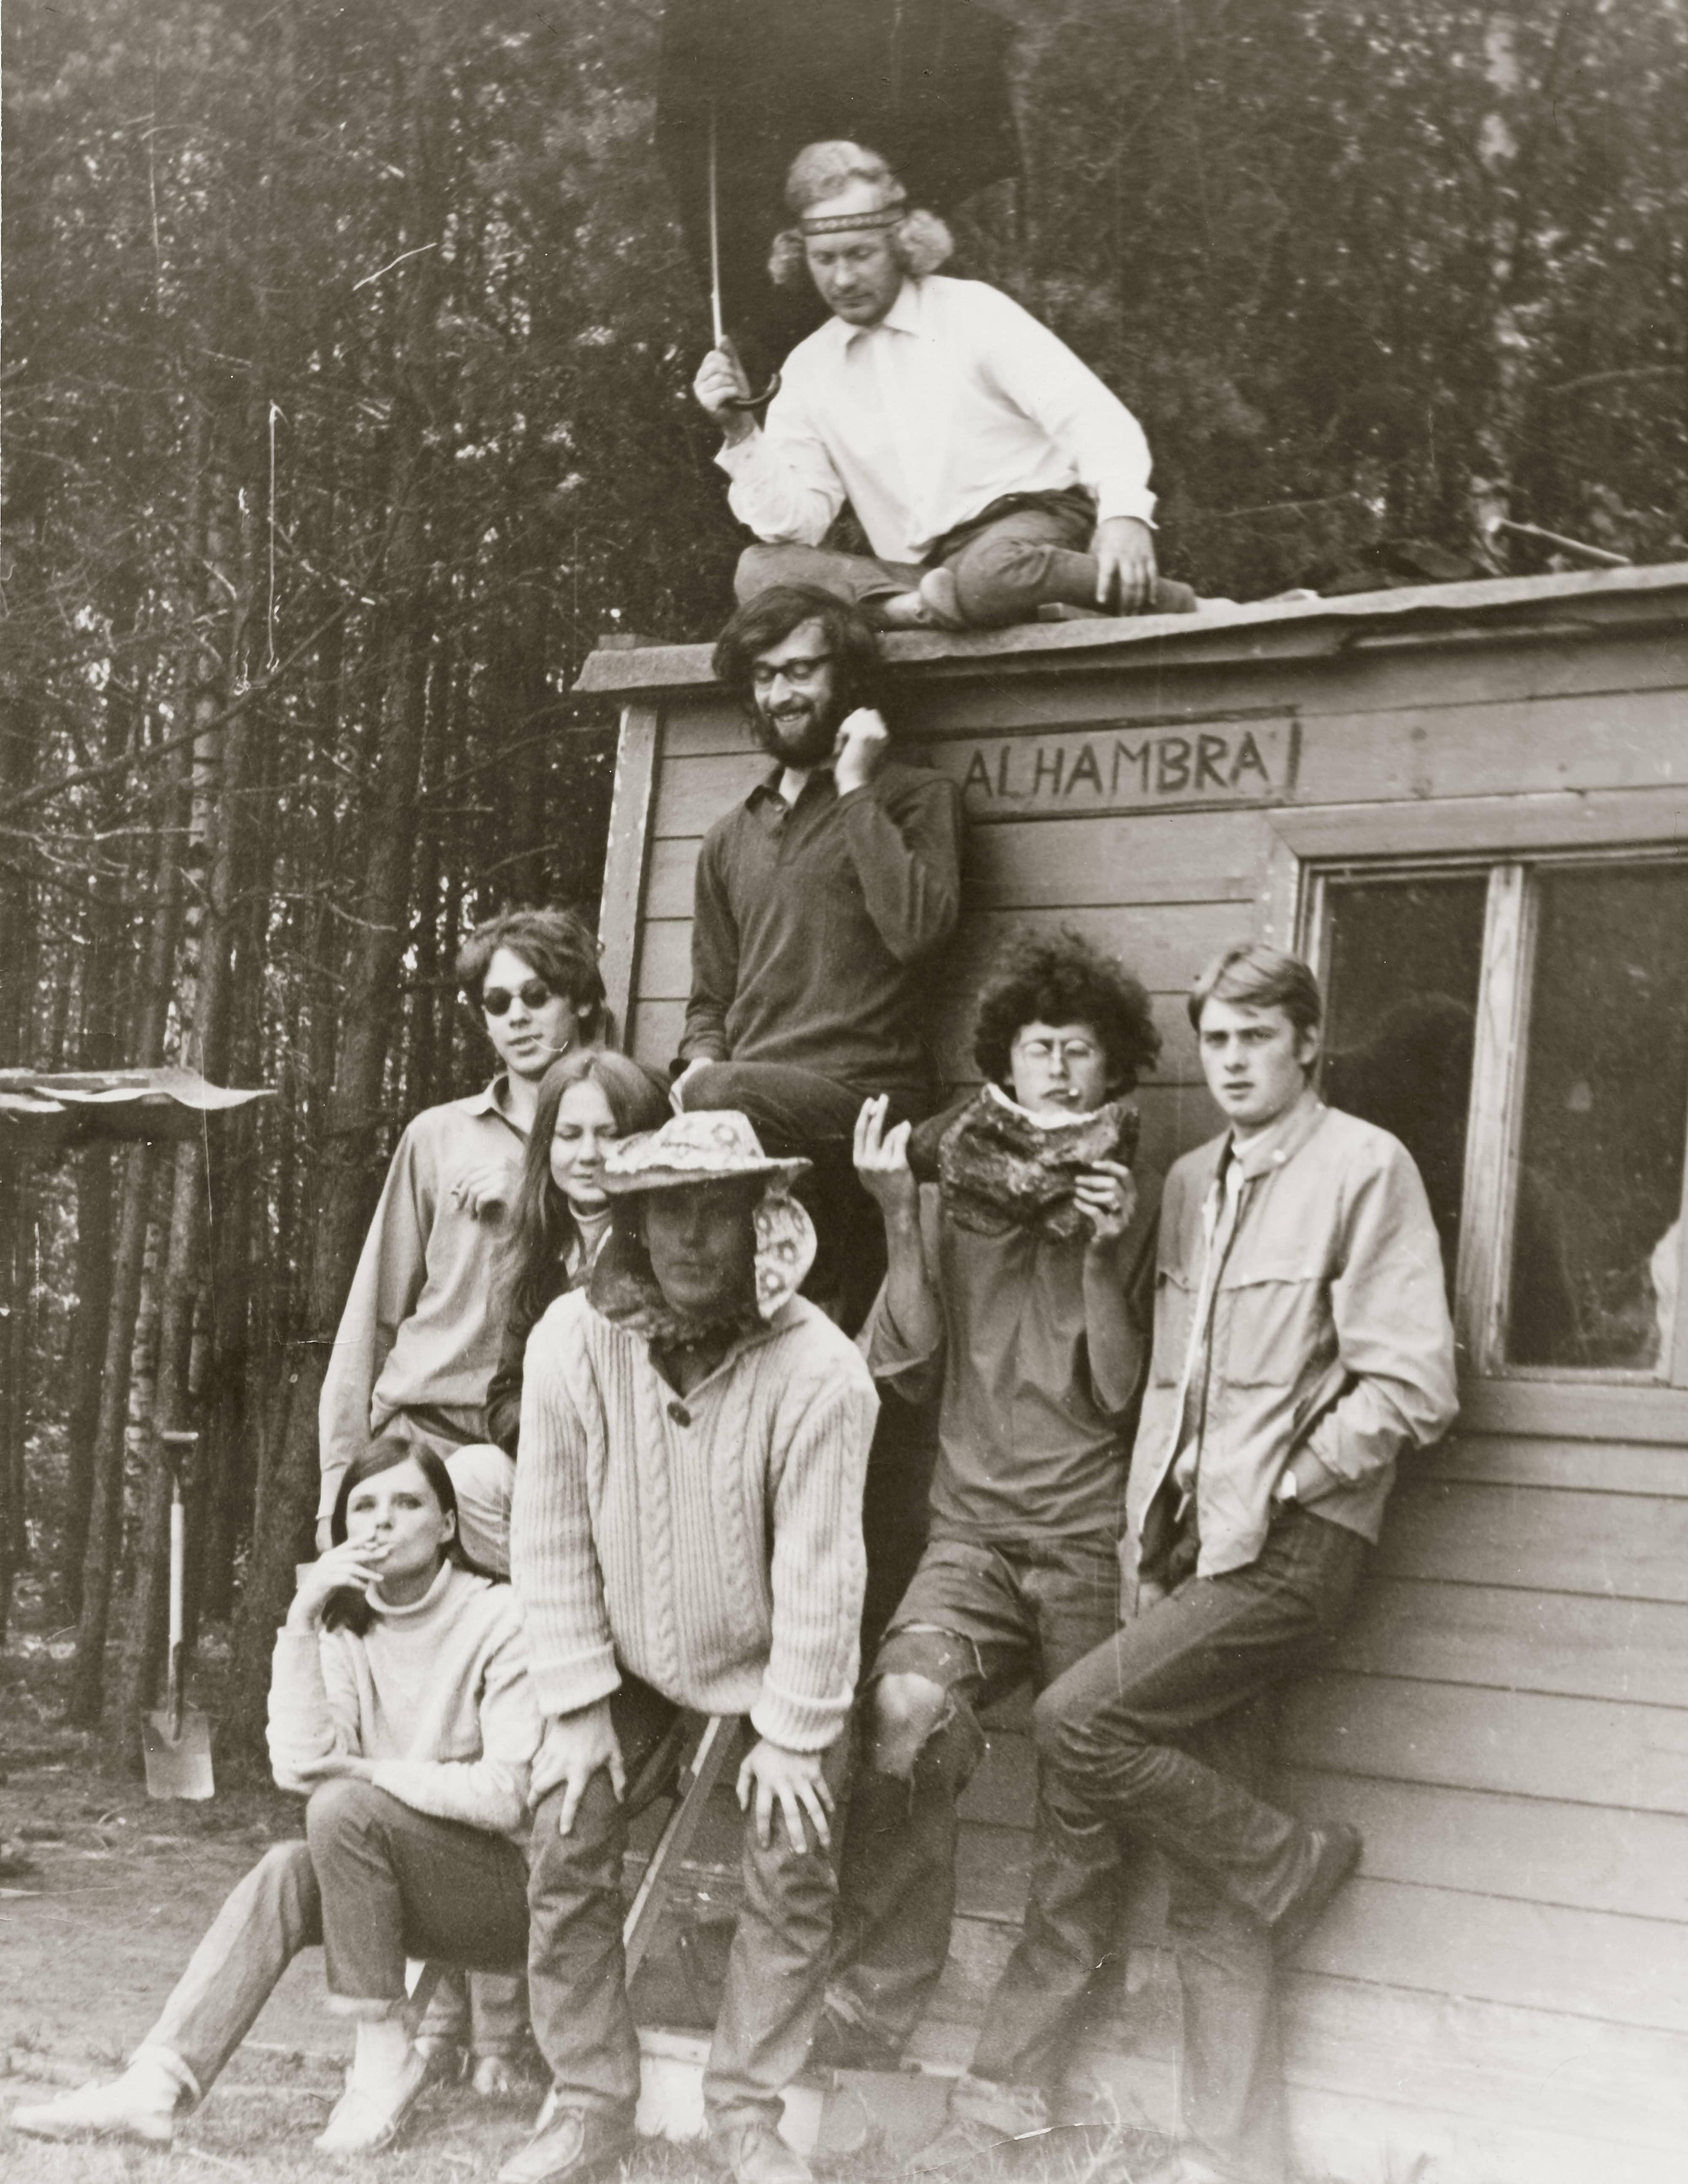 Üks suvine hipikogukond Taevaskojas aastal 1970. Foto: Jüri Müürisepp